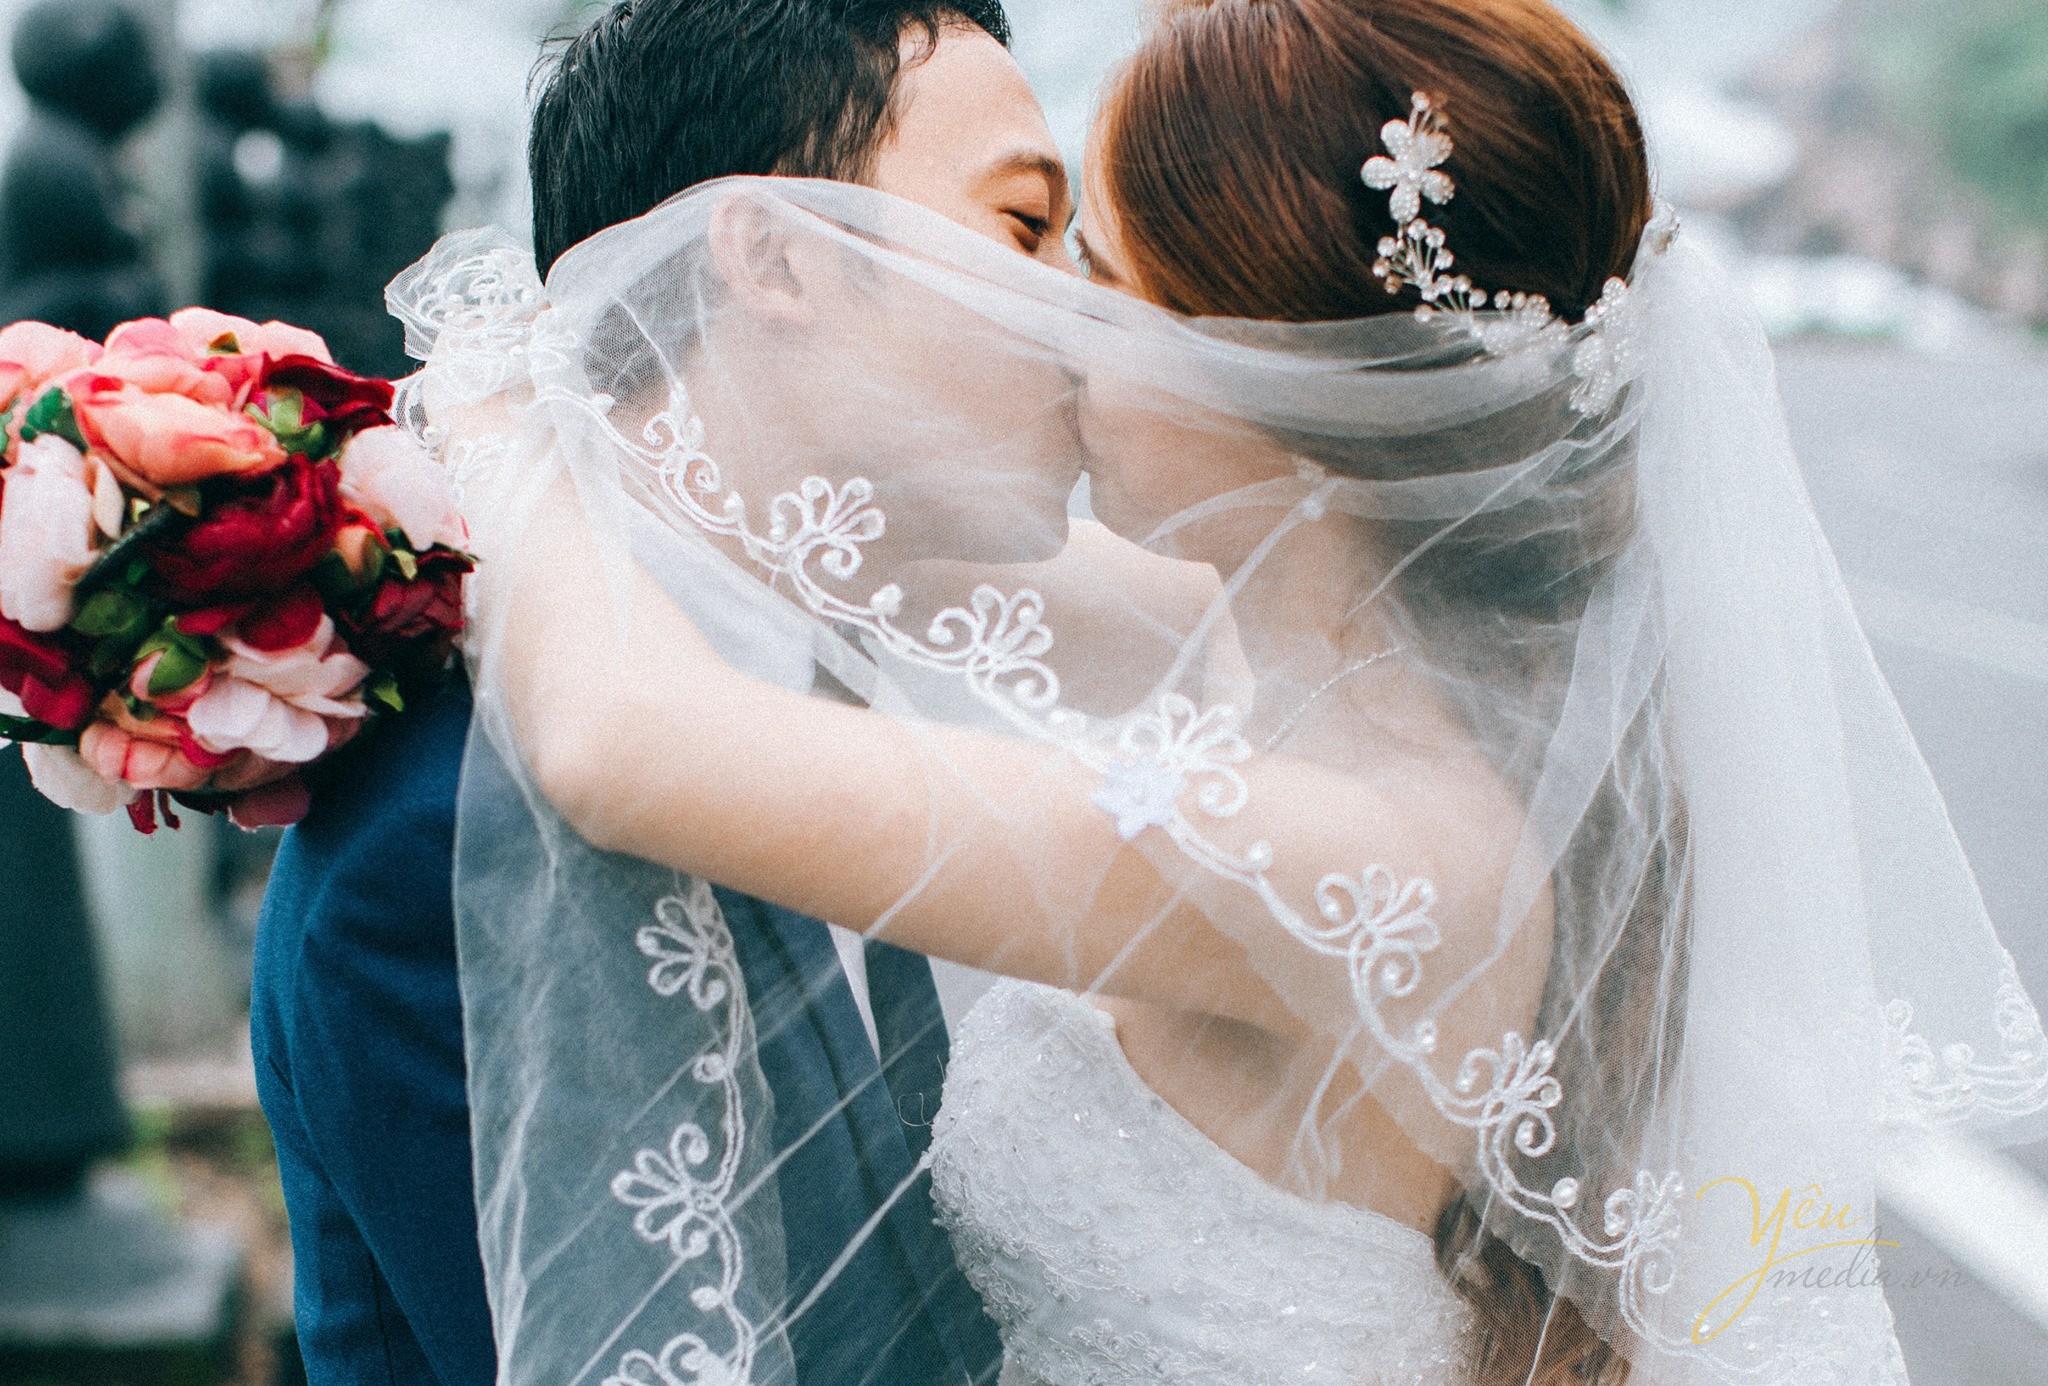 cùng trao nhau nụ hôn ngọt ngào